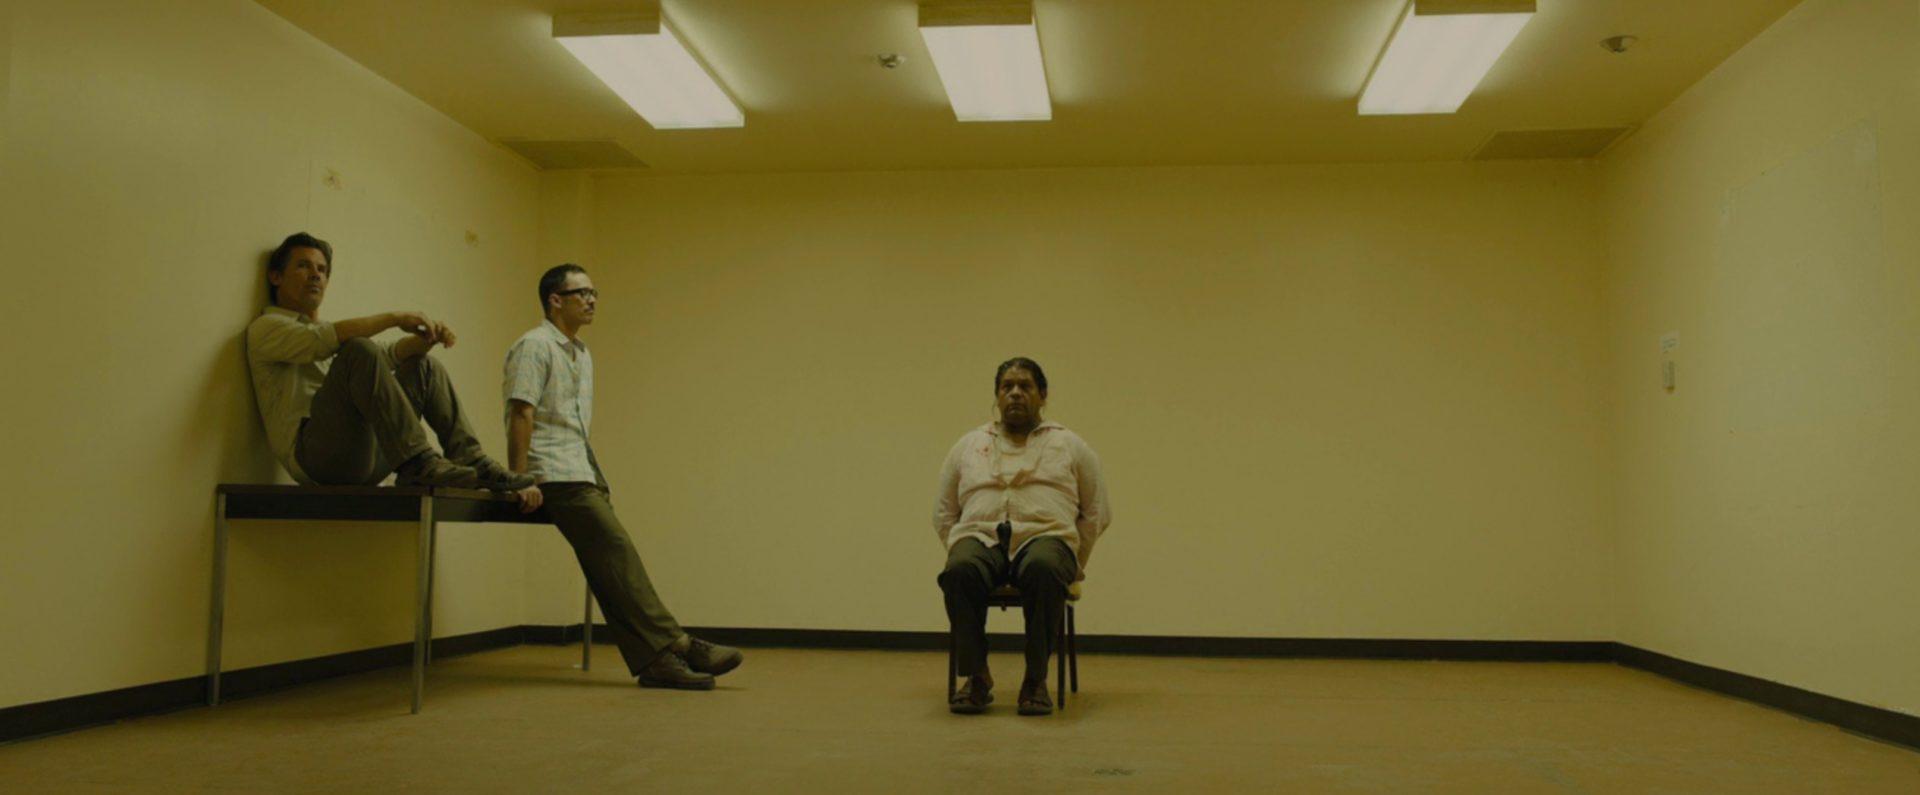 ボーダーライン(Sicario)のストーリーと名シーンをネタバレ動画で紹介する記事